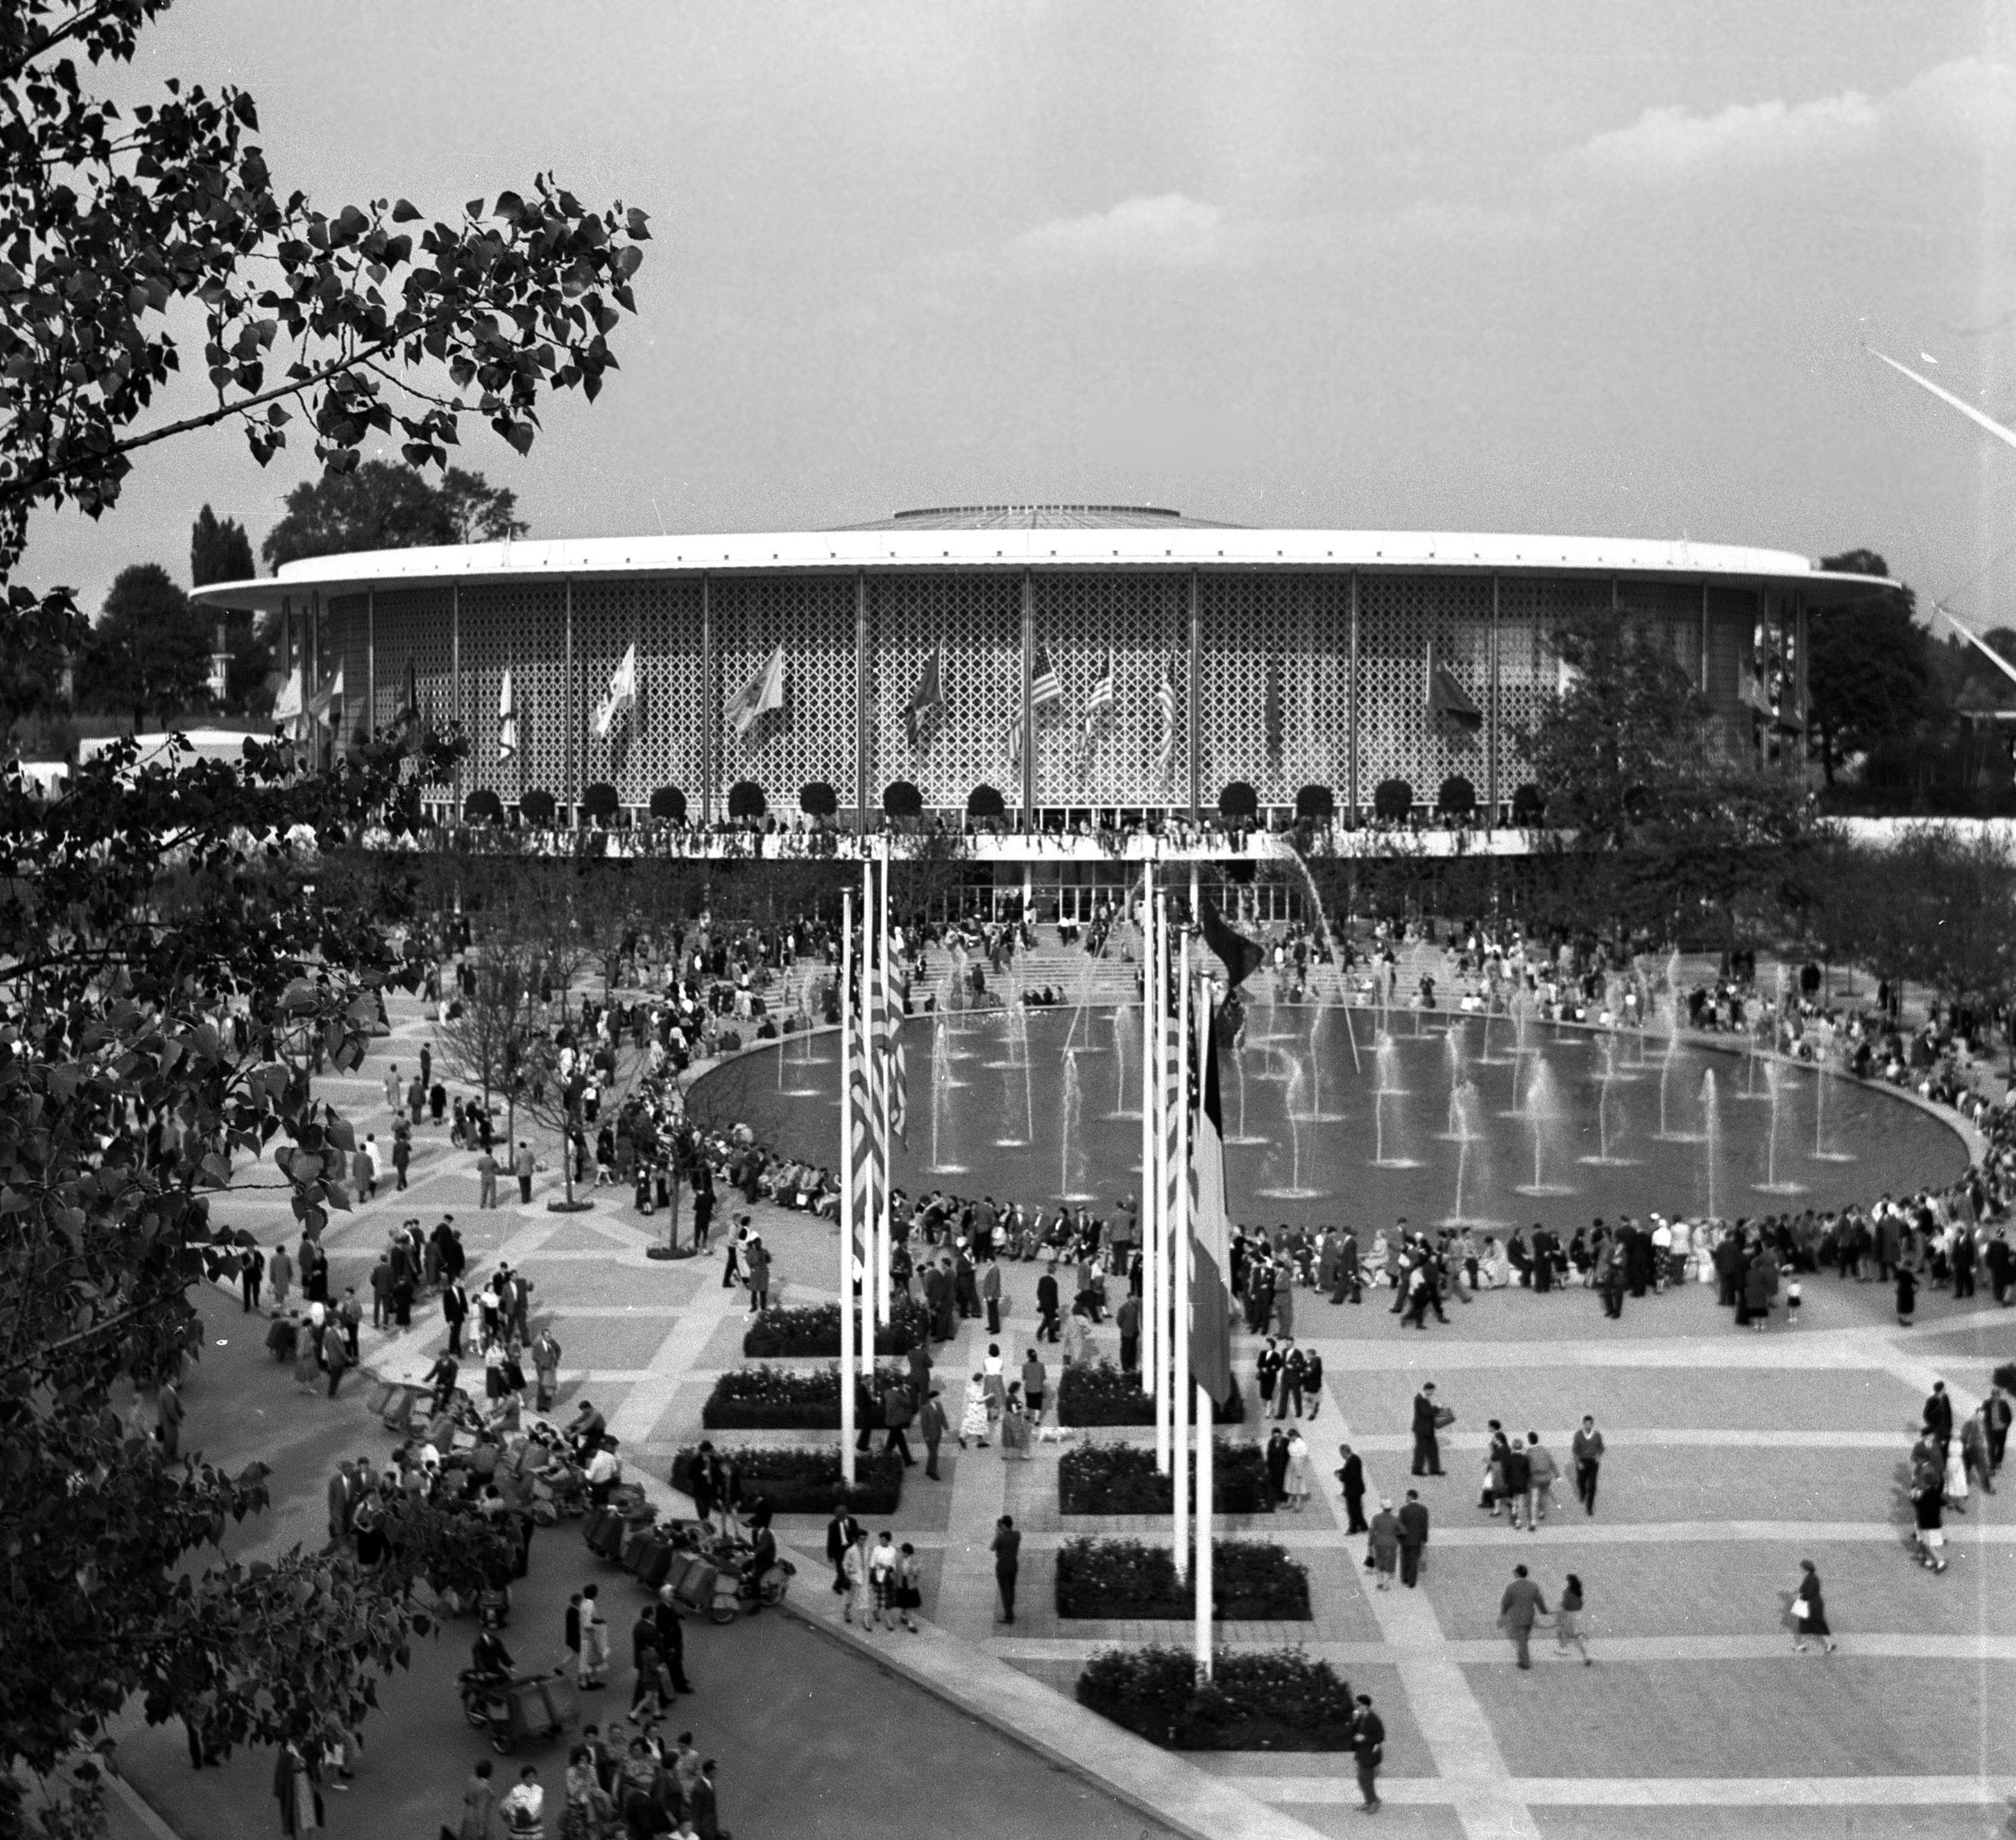 USA pavilion 1958 (photo credit: Wikipedia)